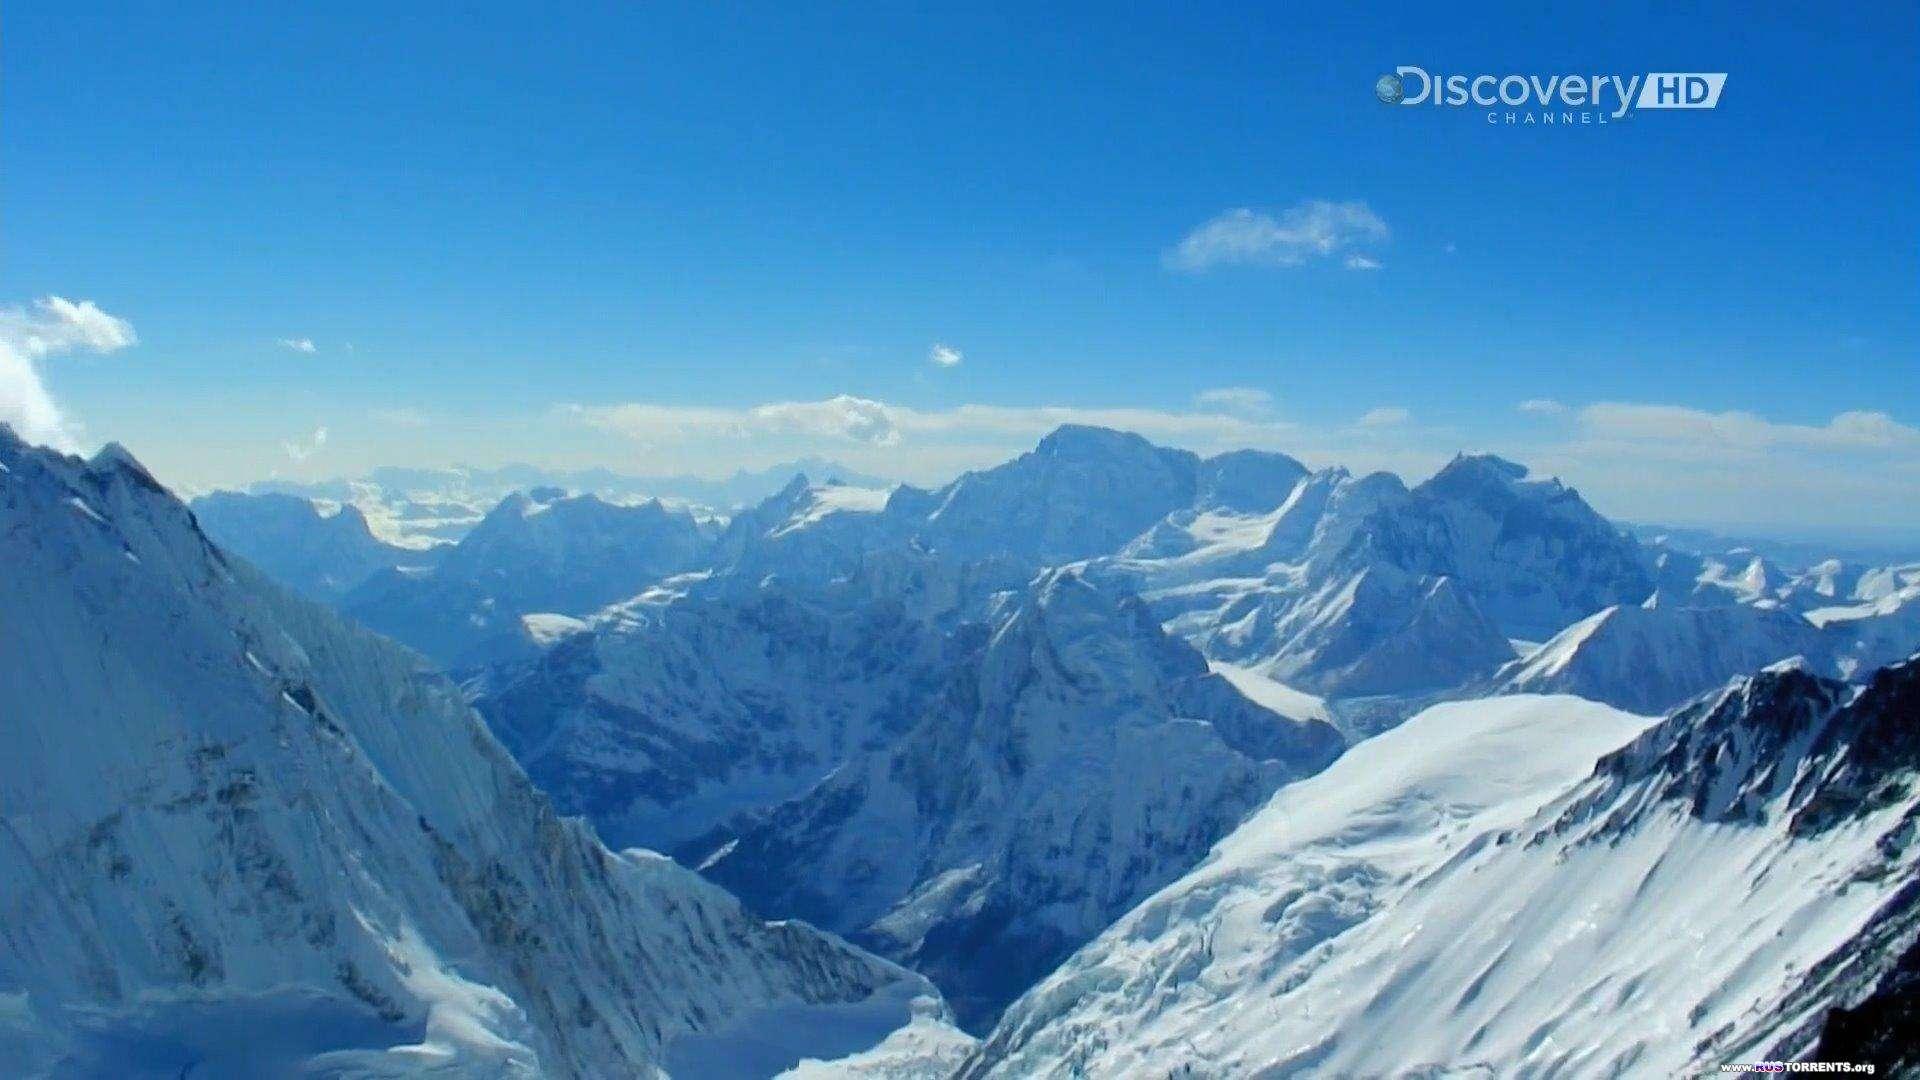 Discovery. ������� ��������� �������� � ������ �������� | HDTV 1080i | P1